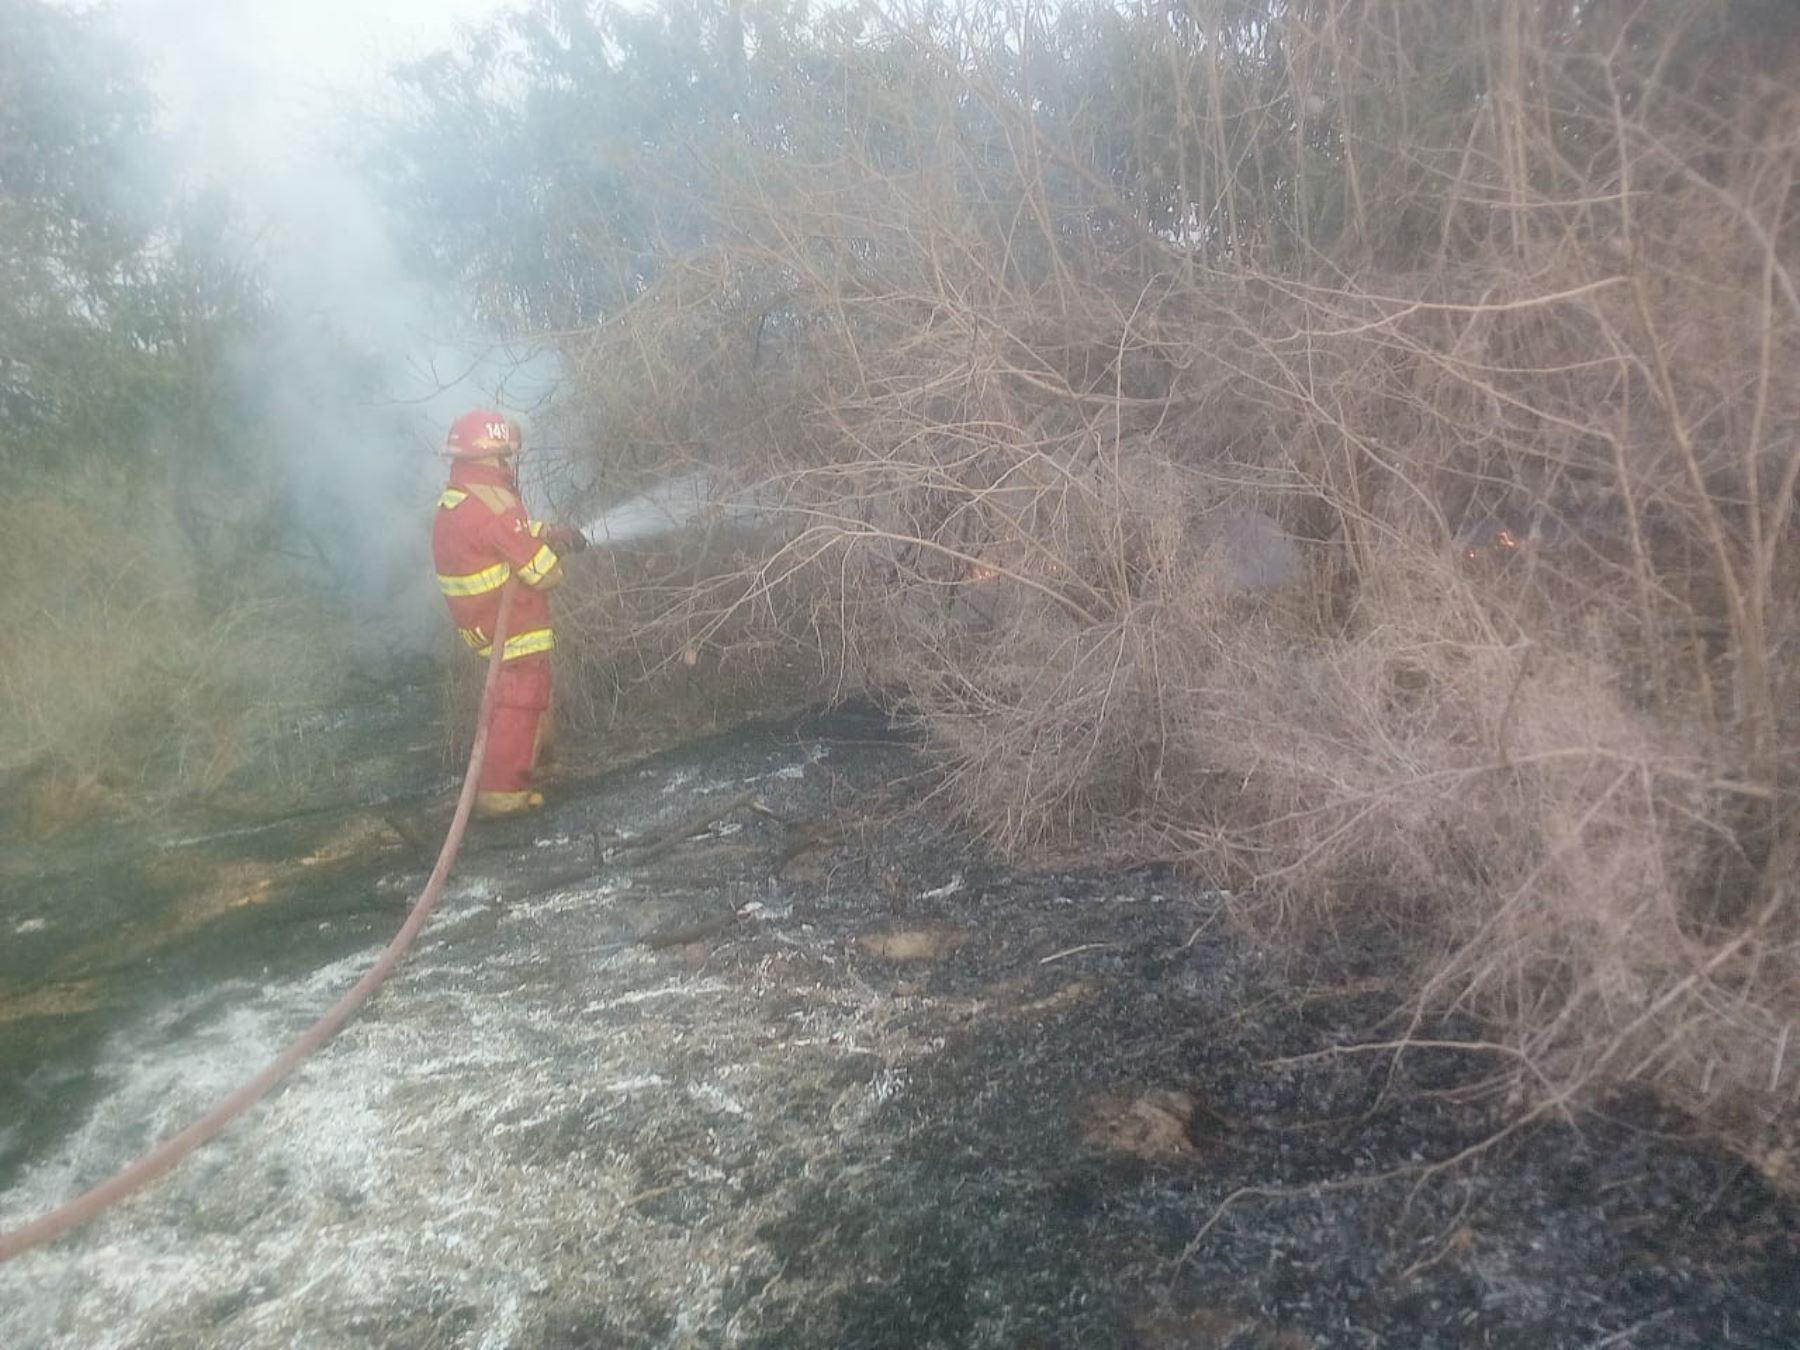 Un incendio forestal se reportó esta tarde en el sector Templón-Tres Cerritos, en el distrito de Salas, informó la Oficina Desconcentrada del Instituto Nacional de Defensa Civil (Indeci).